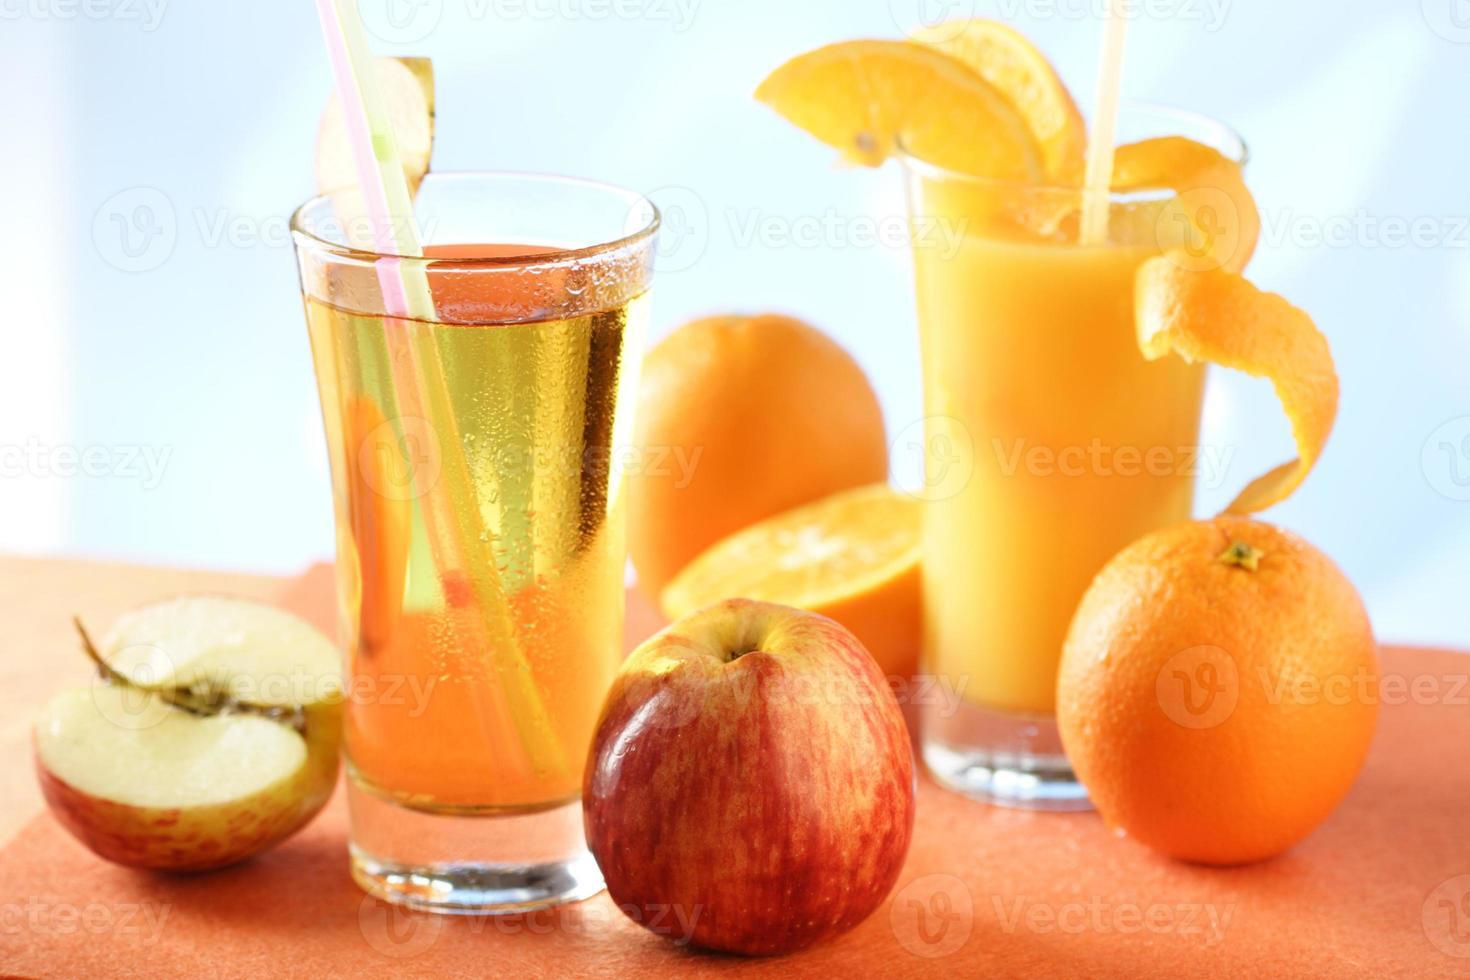 vasos de jugo de naranja y manzana con papas fritas enteras foto